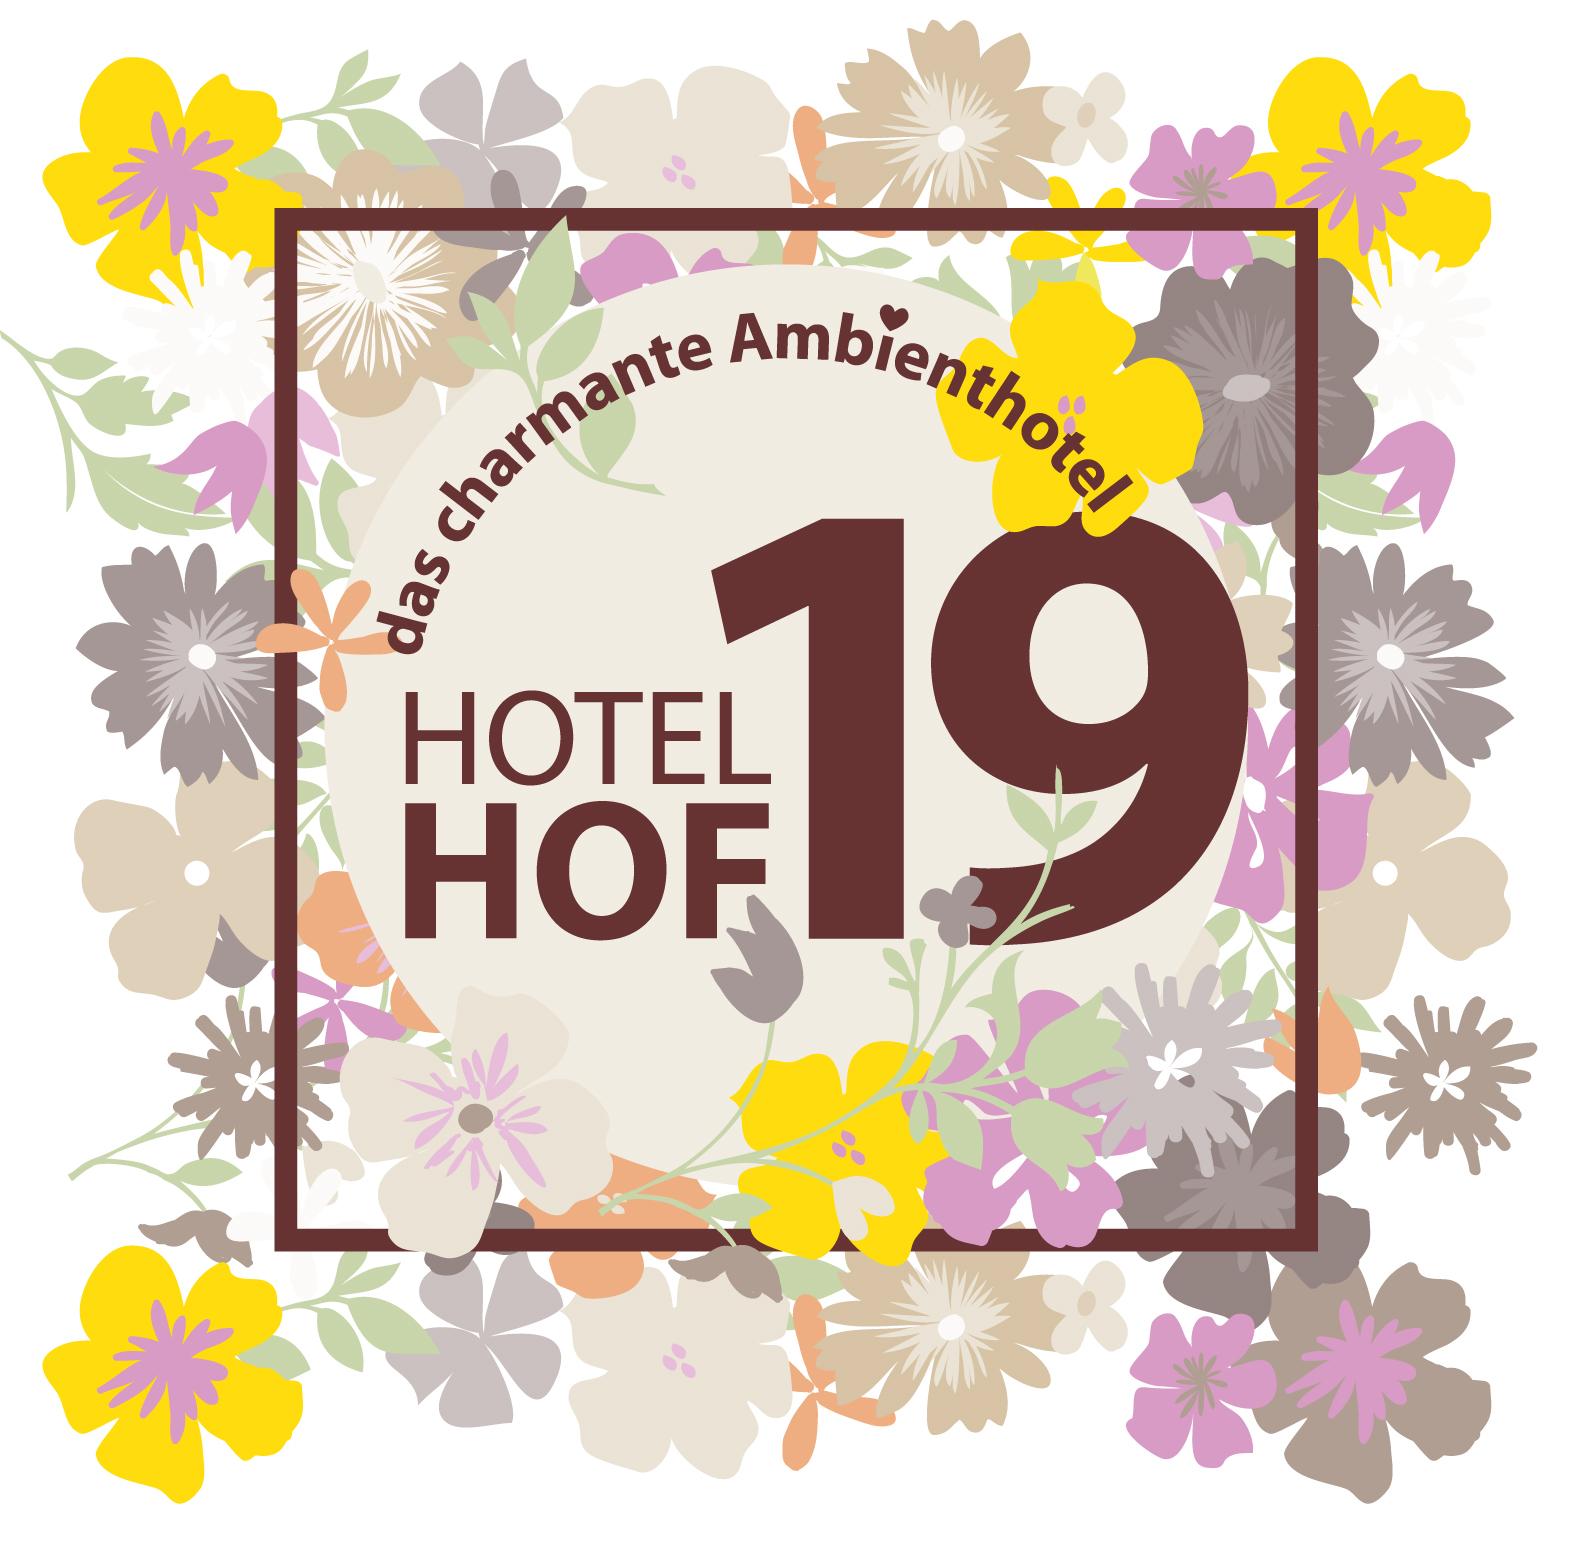 Logoentwurf_HotelHof19_2